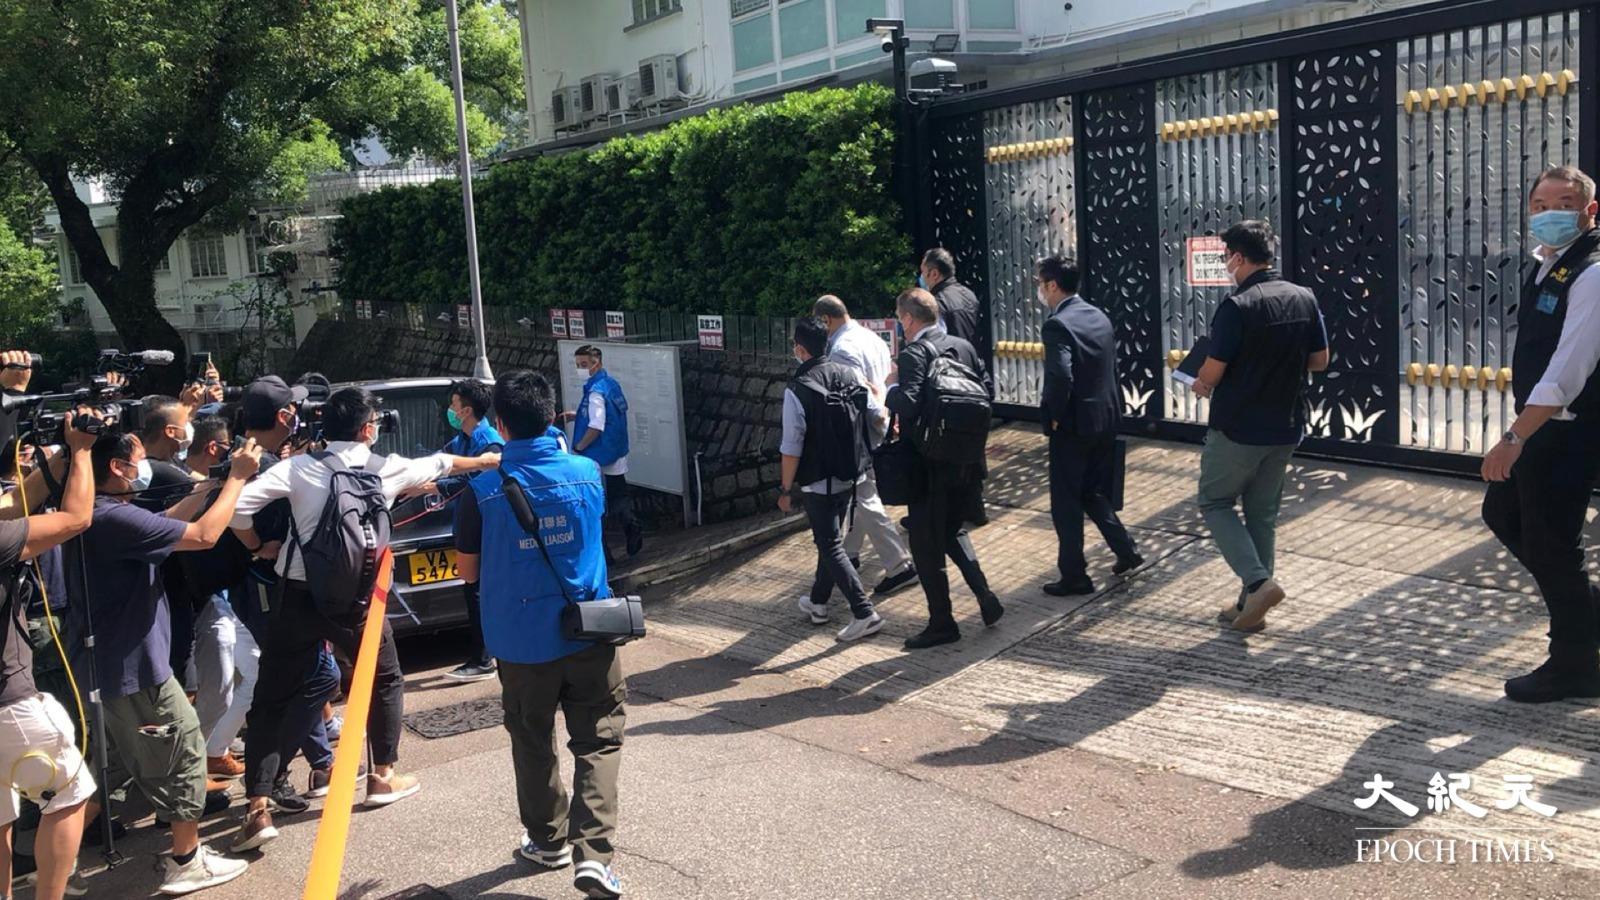 壹傳媒創辦人黎智英2020年8月10日在律師陪同下,由探員帶離何文田大宅。圖為他離開時被戴上手扣。(梁珍/大紀元)